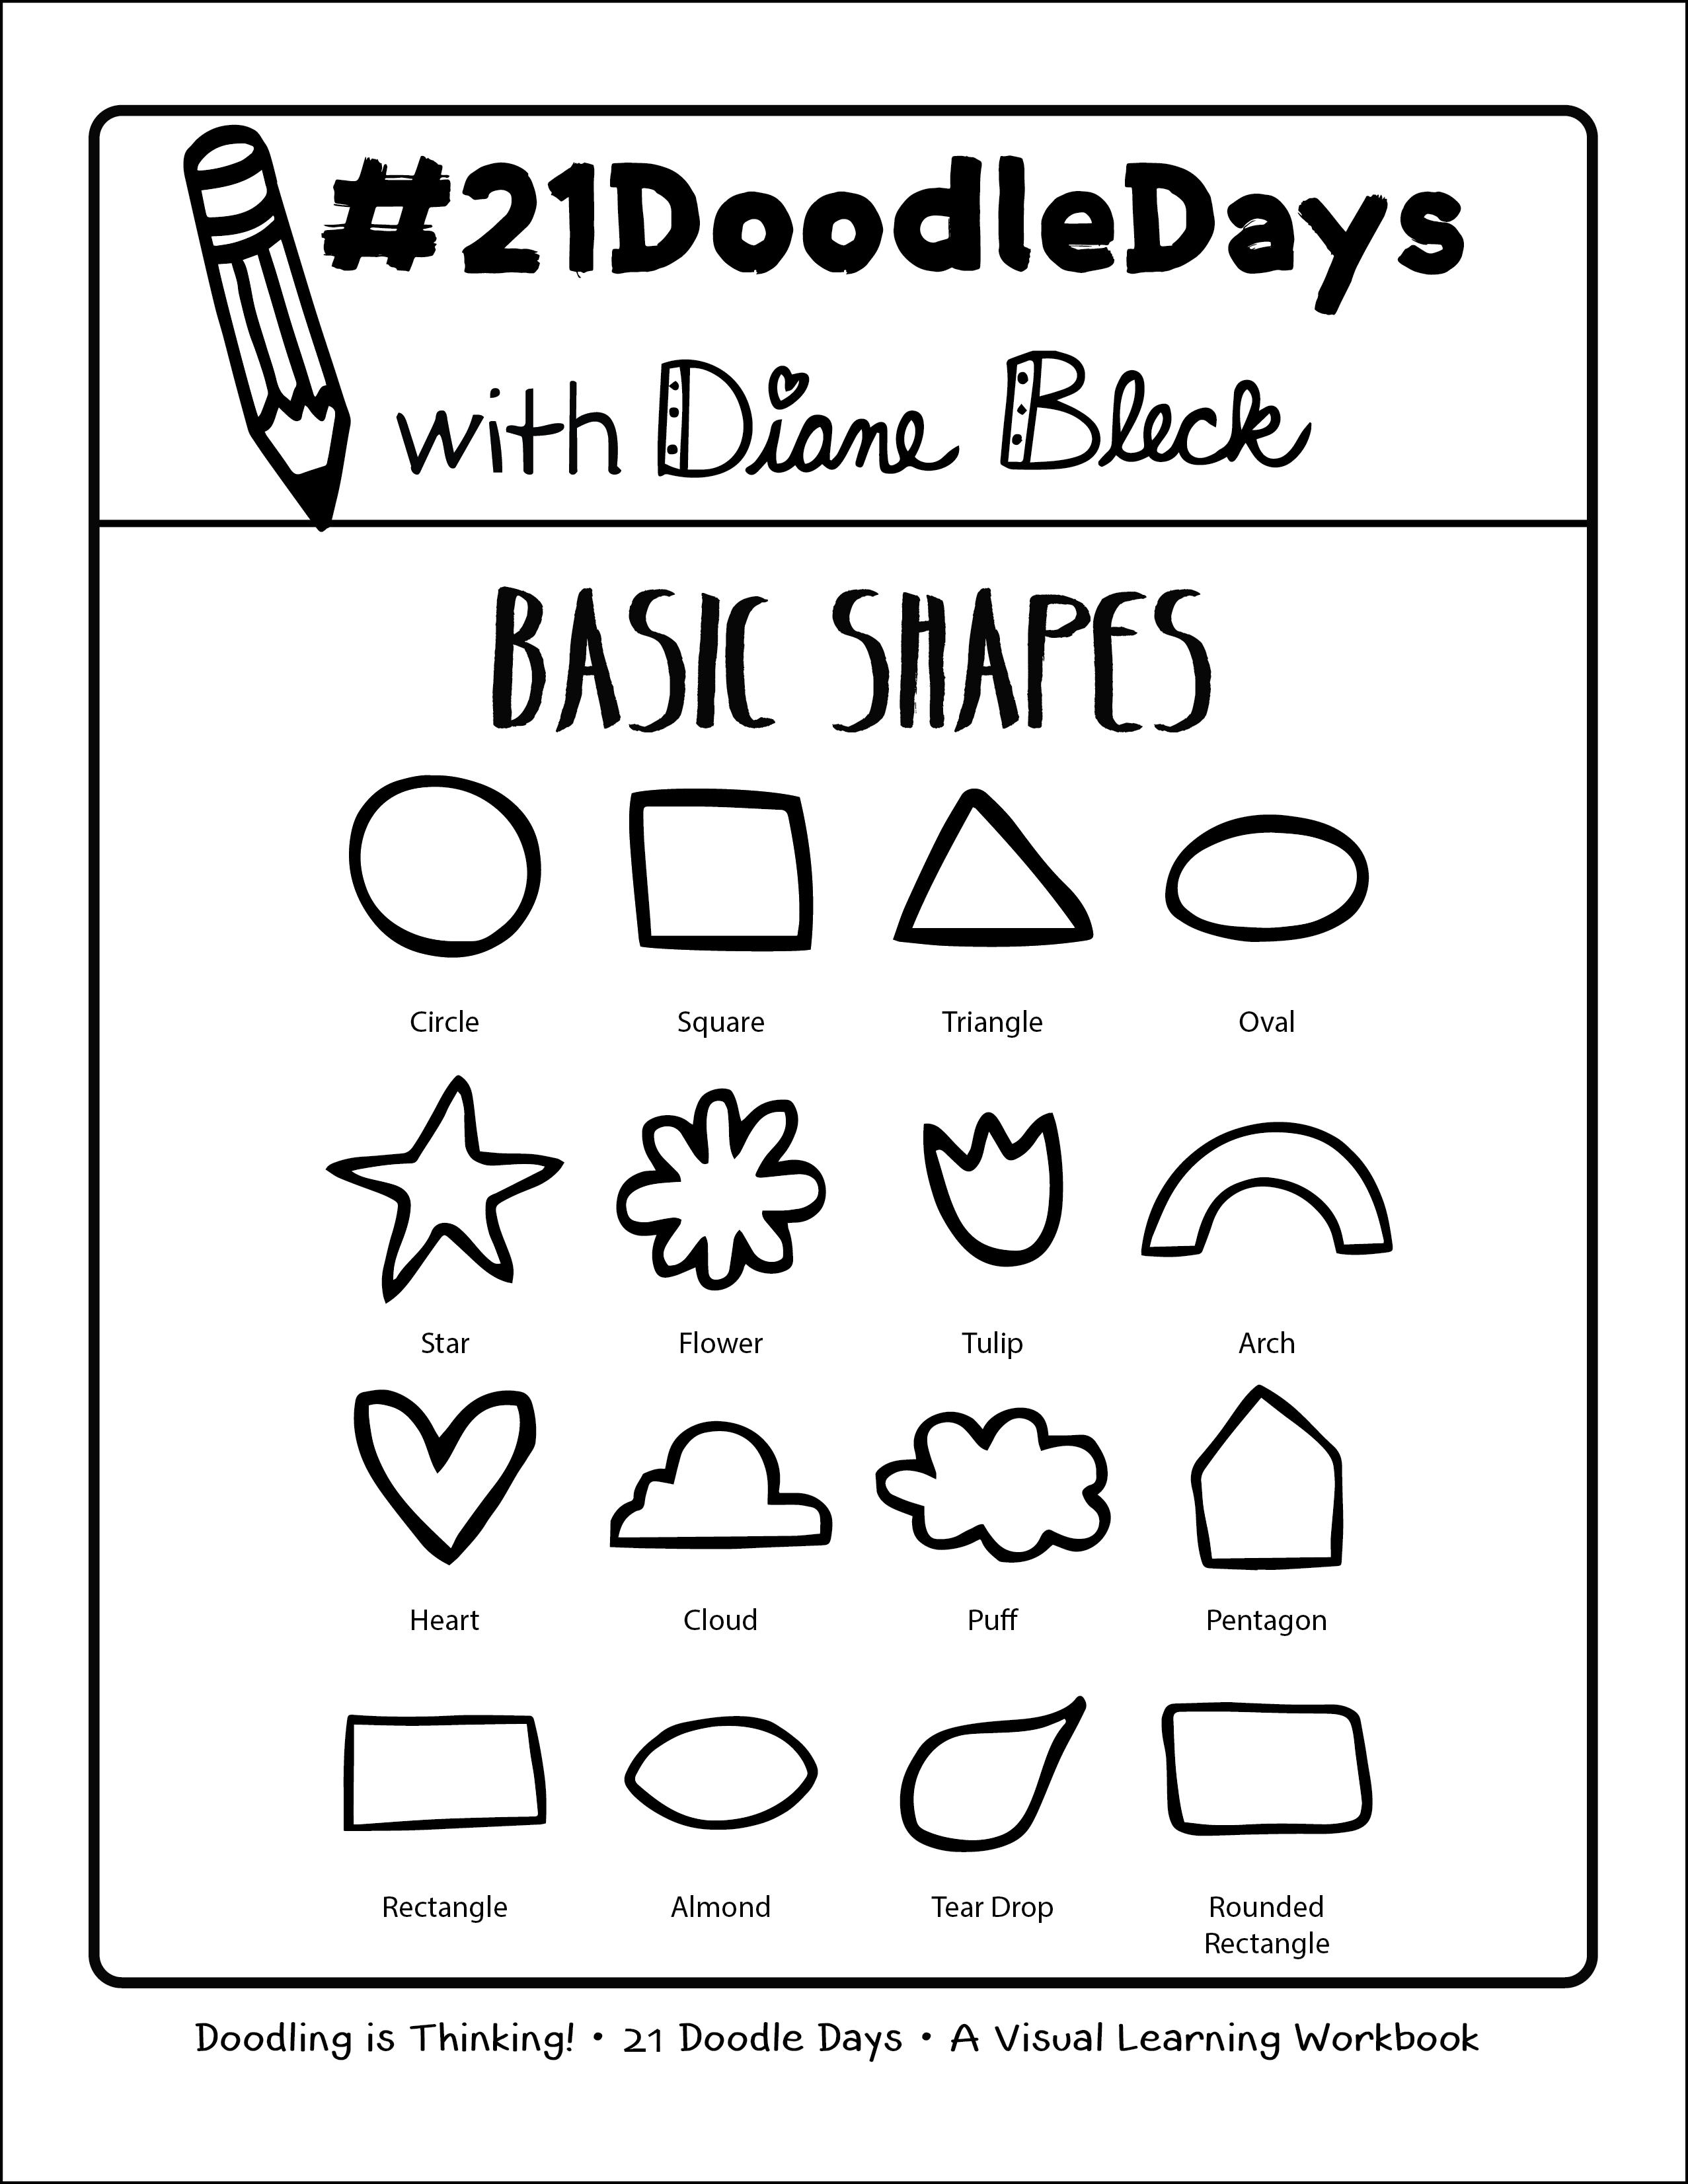 Lesson 02 Basic Shapes